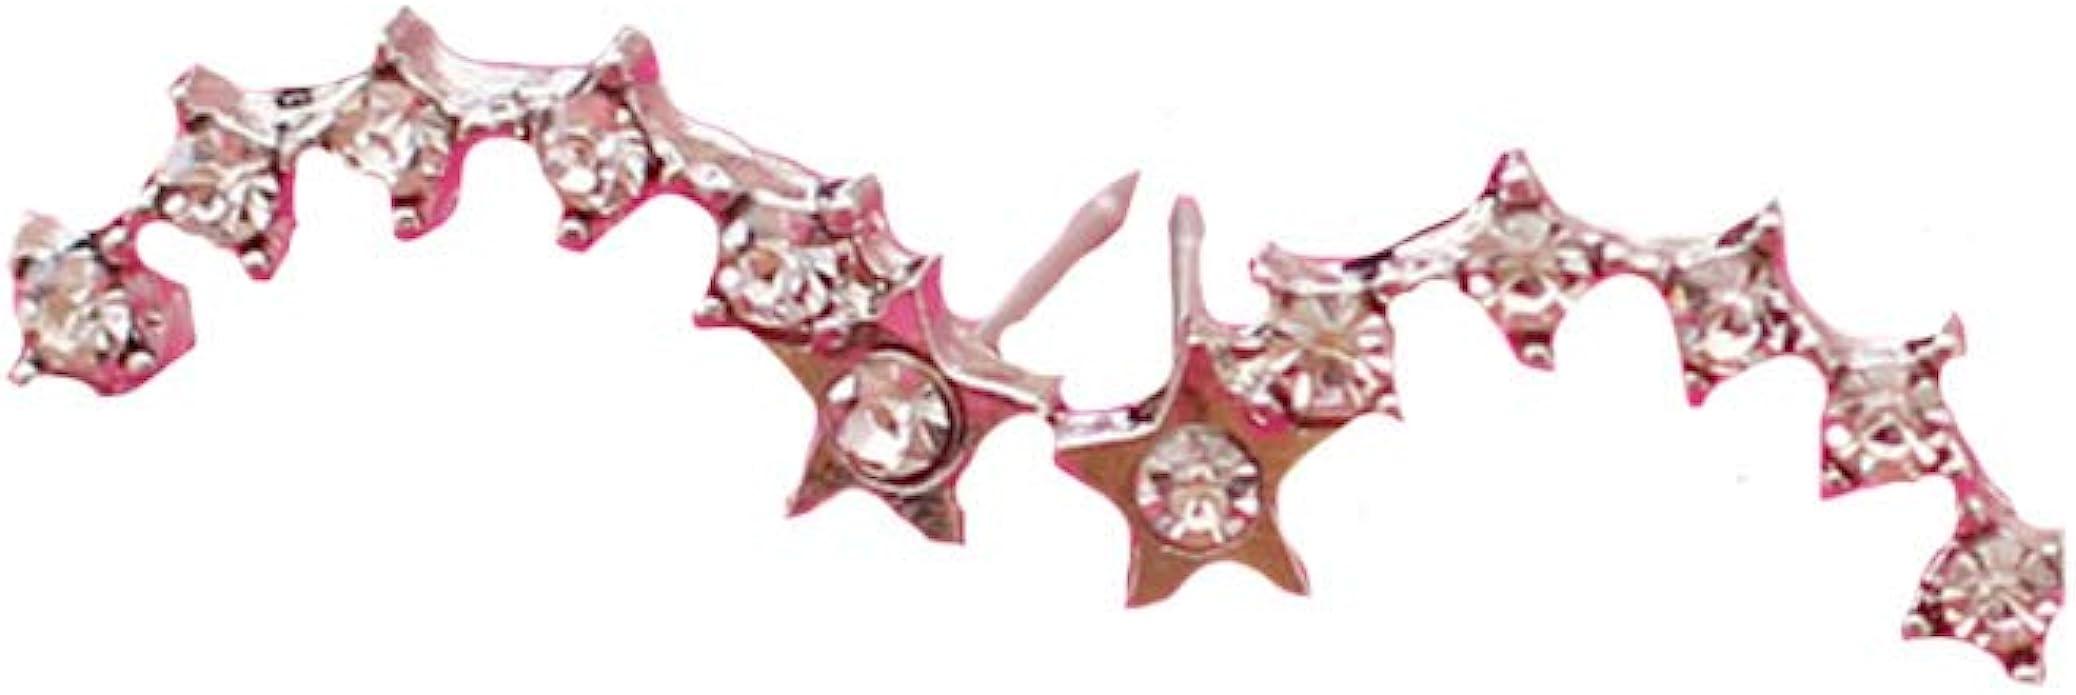 DWTTW Pentagram Starry Long Personality Tide Female Jewelry Earrings Earrings